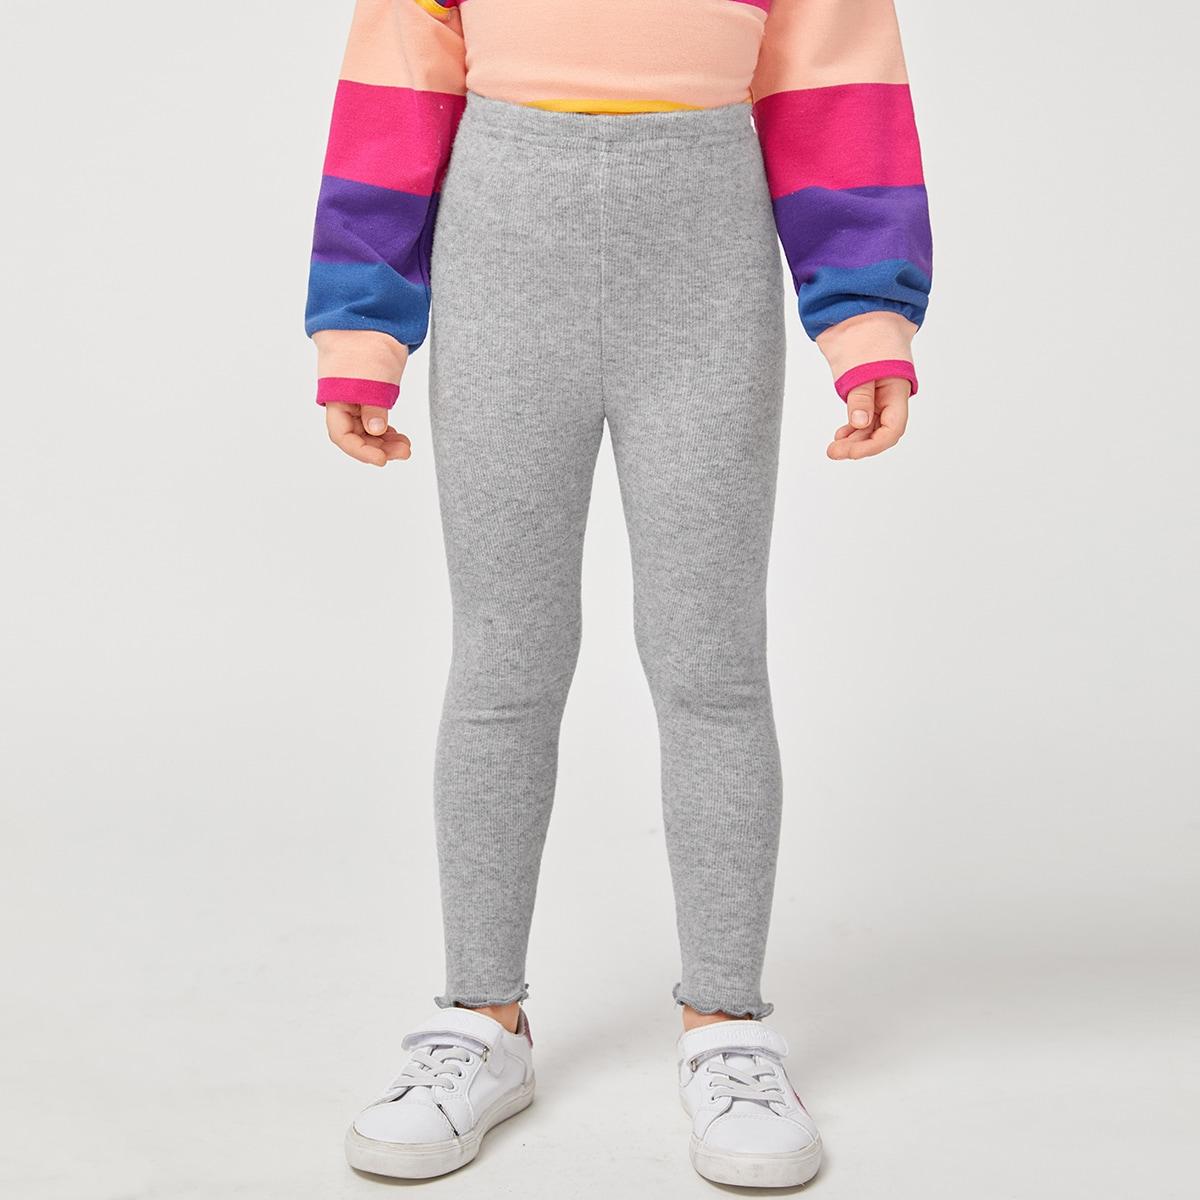 Трикотажный одноцветный повседневный леггинсы для девочек